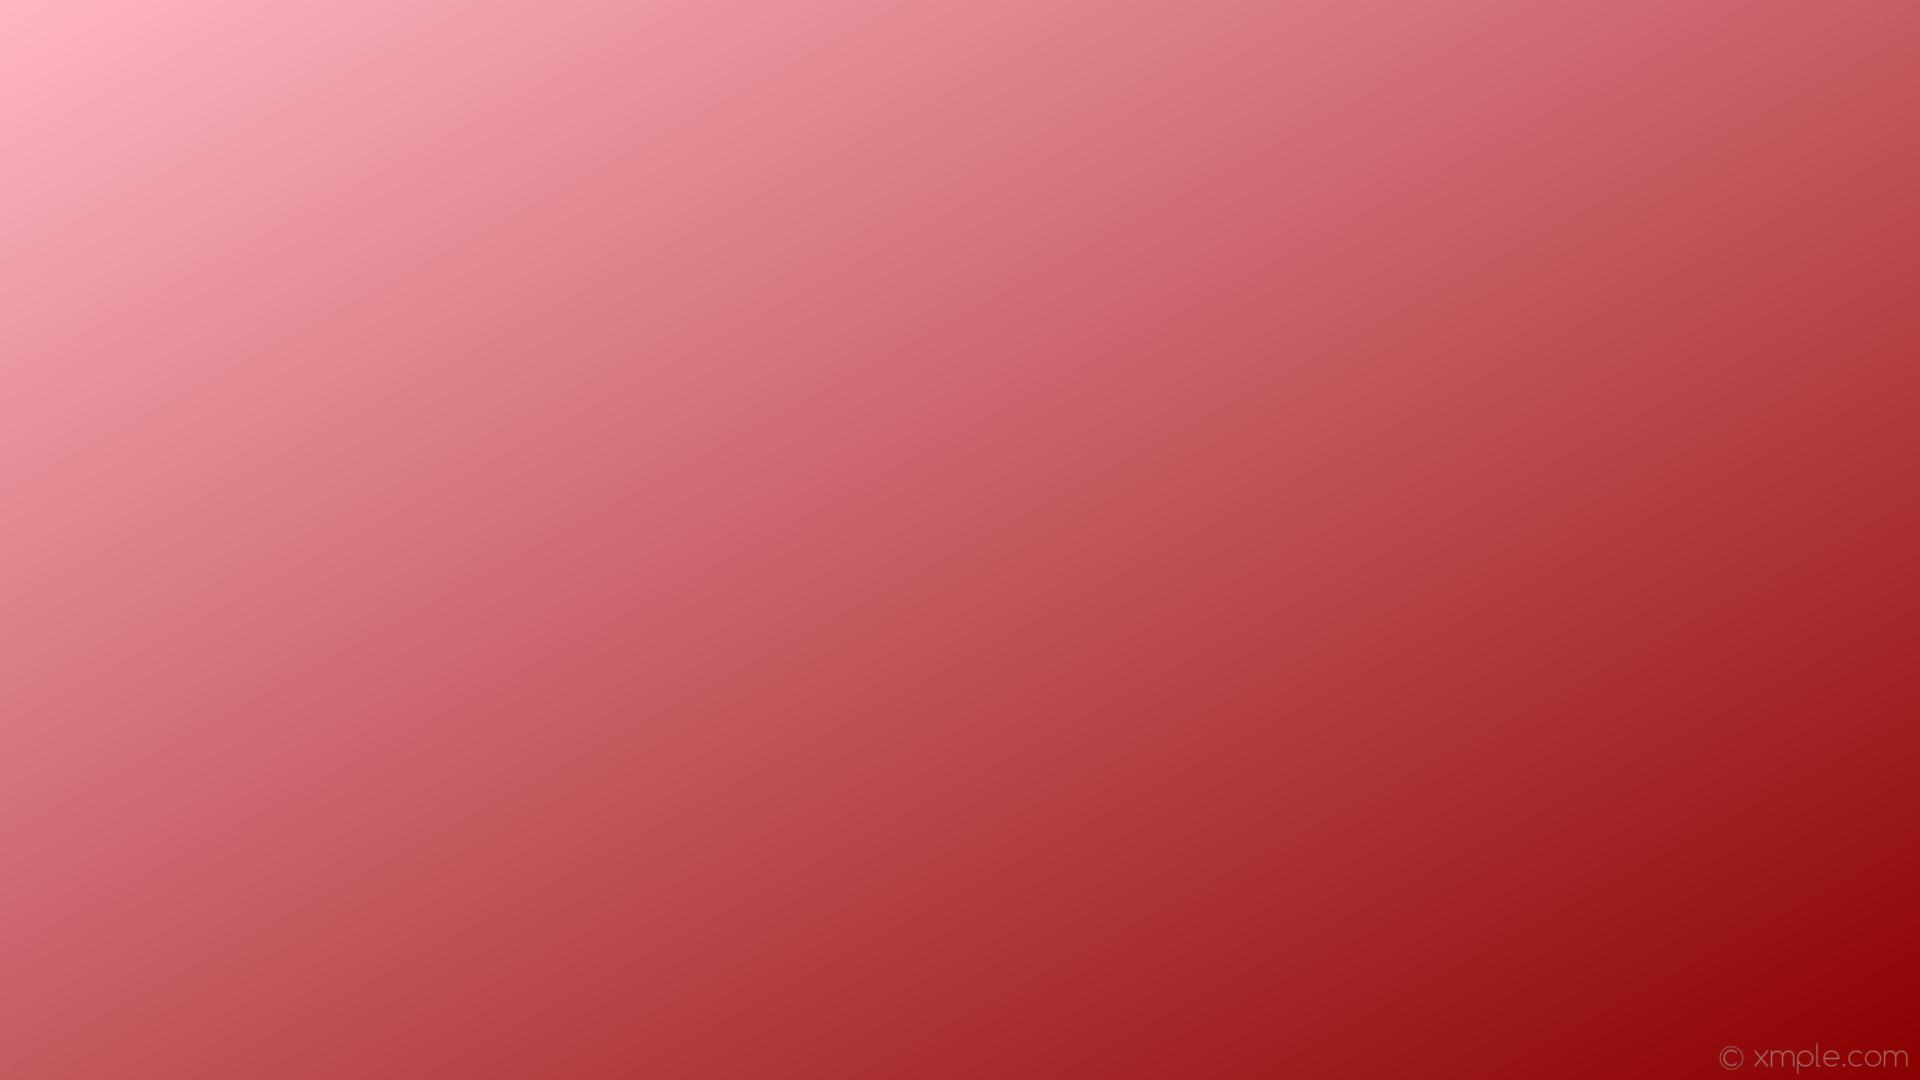 pink gradient wallpaper gradient light maroon background 2940232 hd wallpaper backgrounds download gradient light maroon background